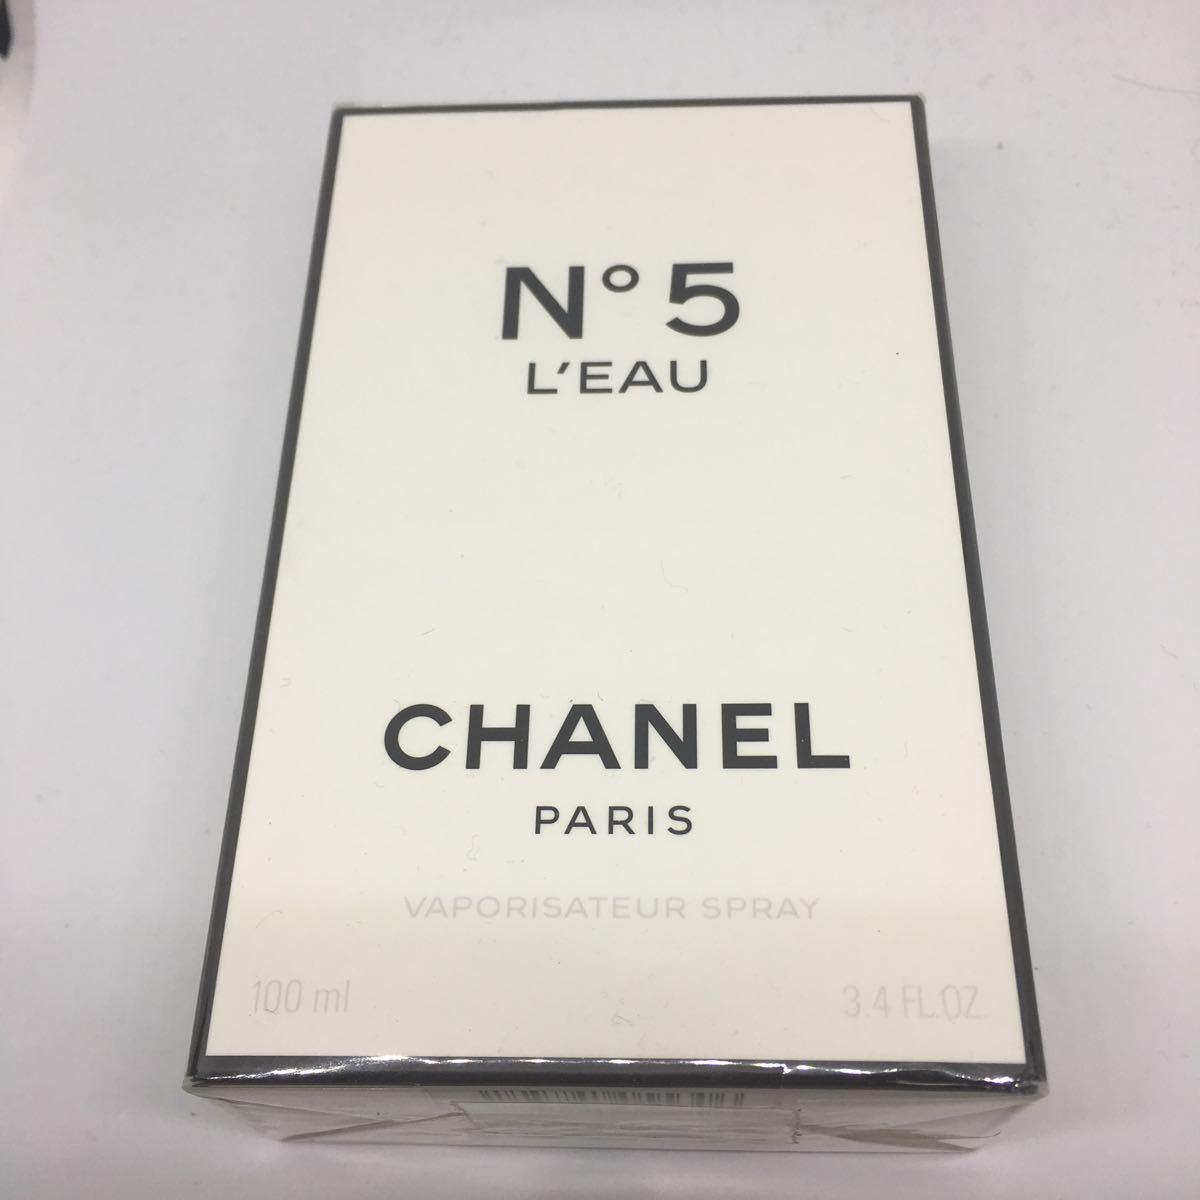 [新品未使用品] シャネル(CHANEL) No.5 ロー EDT SP 100ml